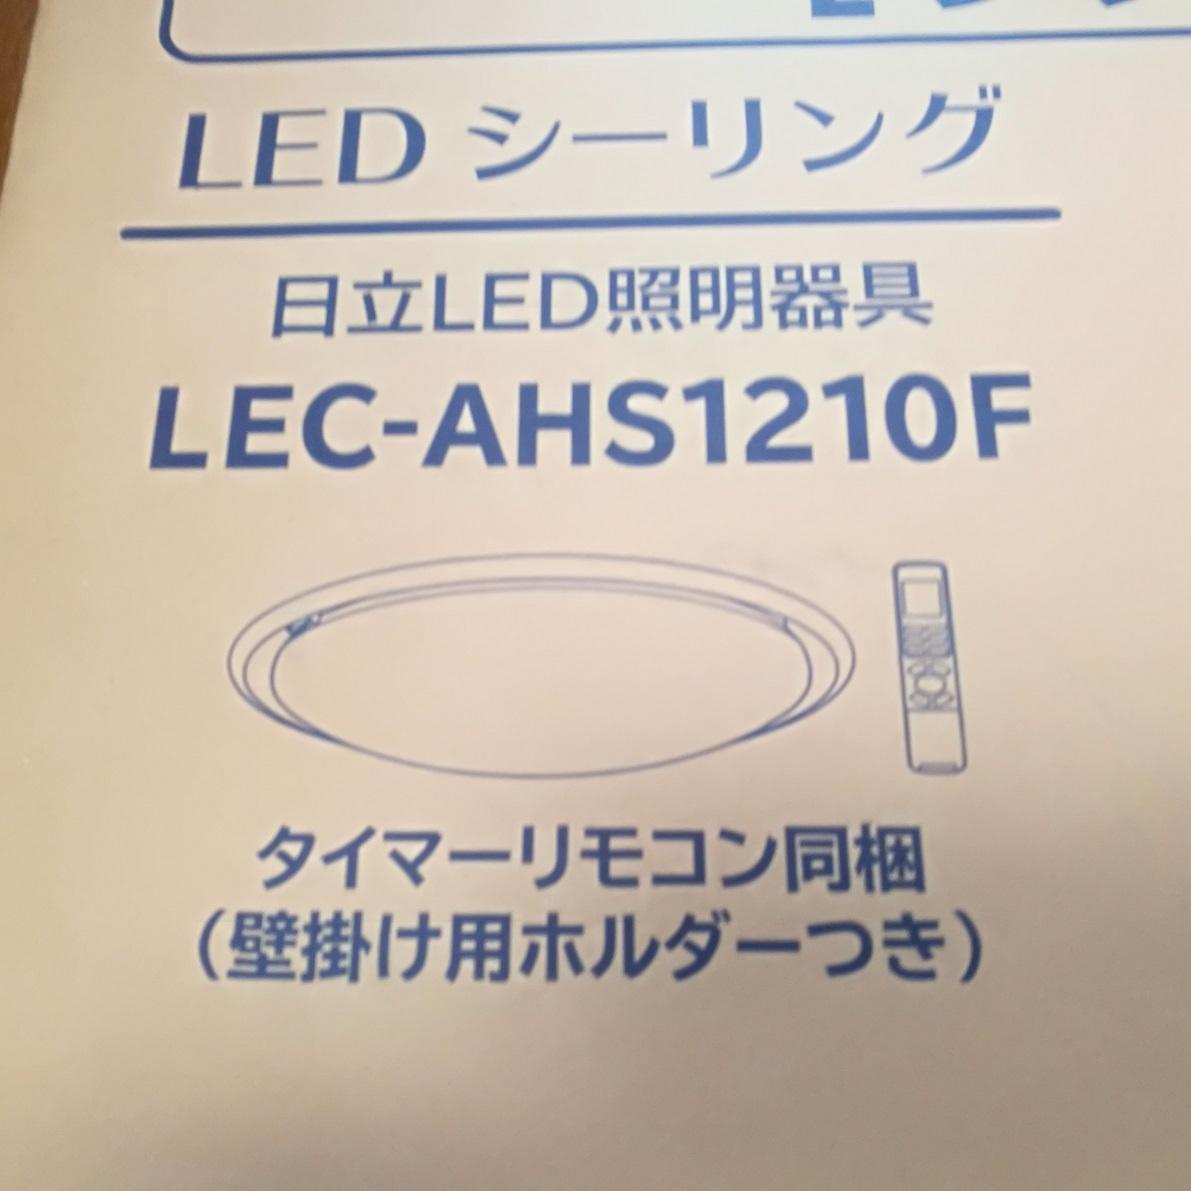 【新品未開封】日立 HITACHI LEC-AHS1210F [LEDシーリングライト 12畳 センサータイプ]_画像4